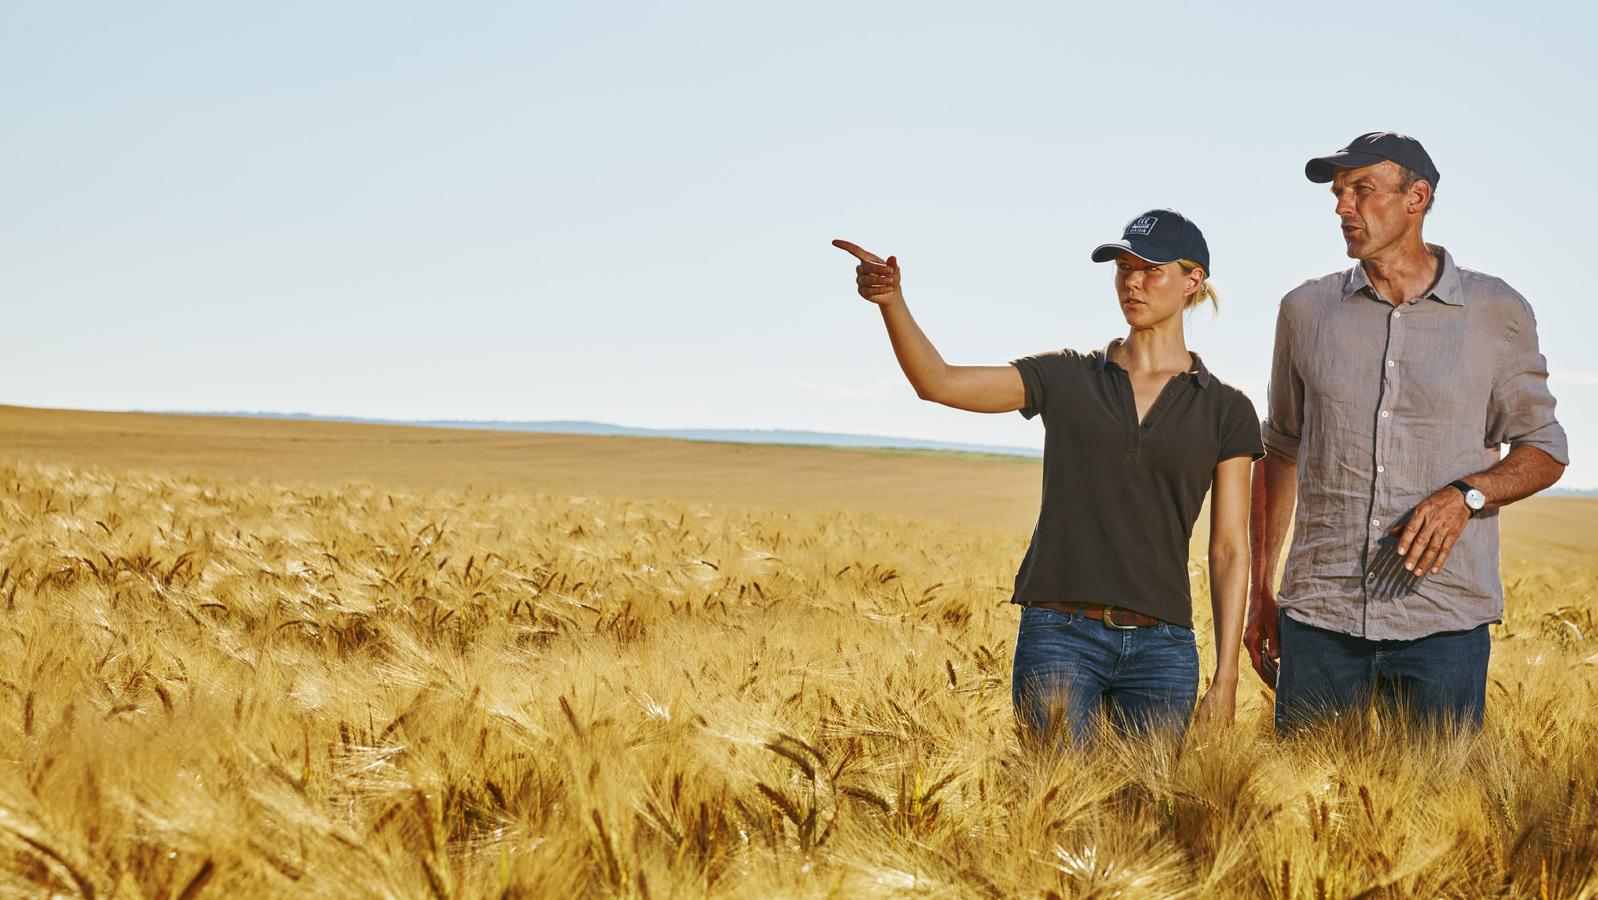 Skontaktuj się z naszym Działem doradztwa agronomicznego